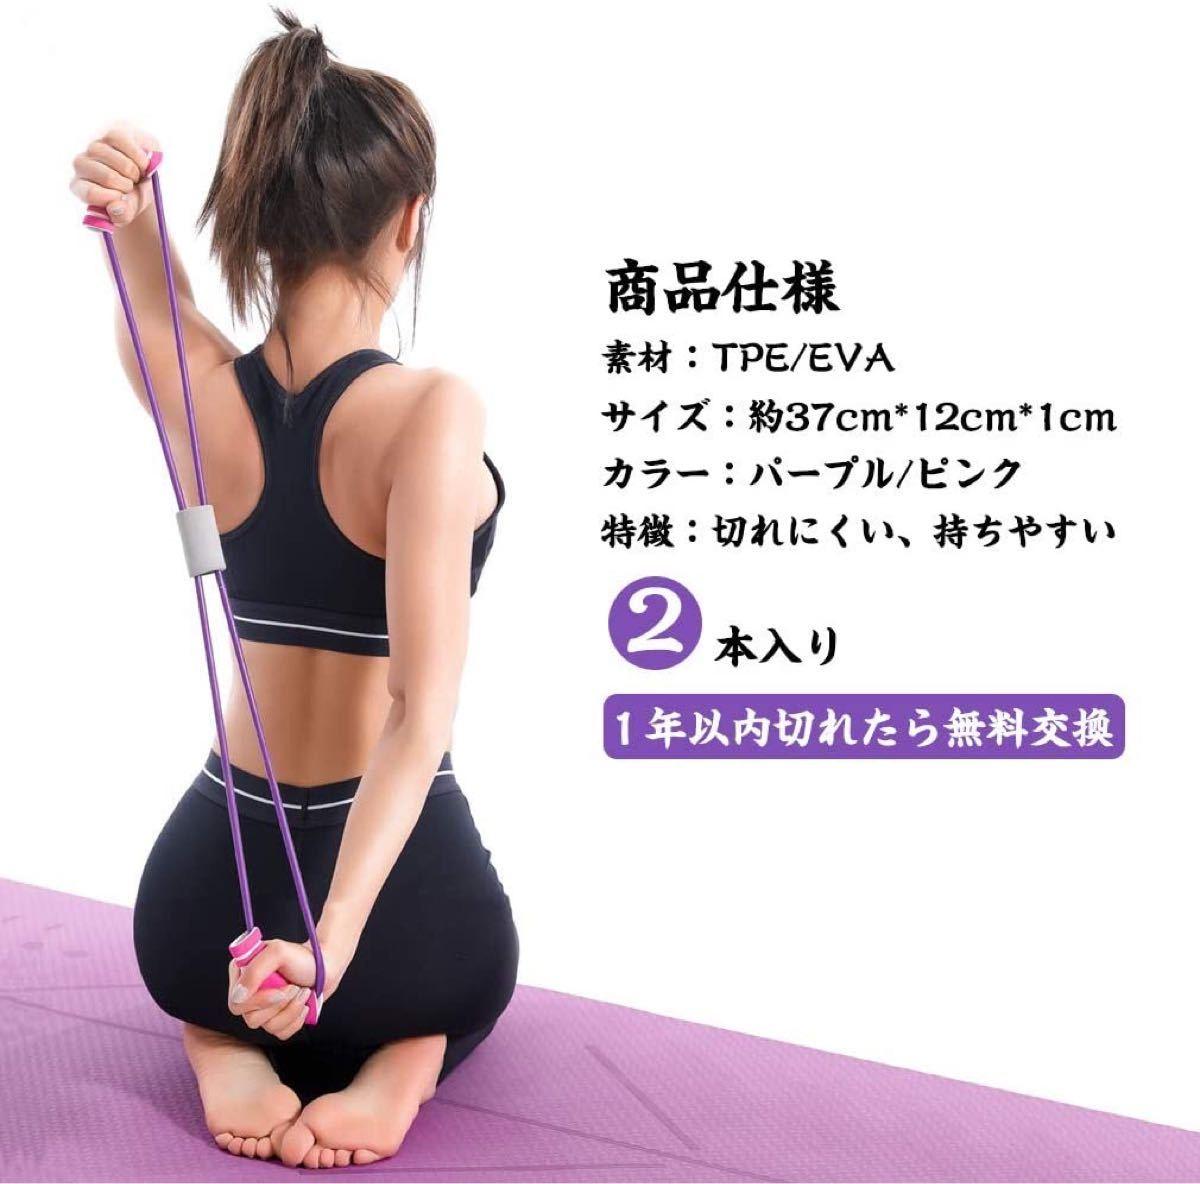 トレーニング チューブ フィットネスチューブ ゴムチューブ 全身筋トレ